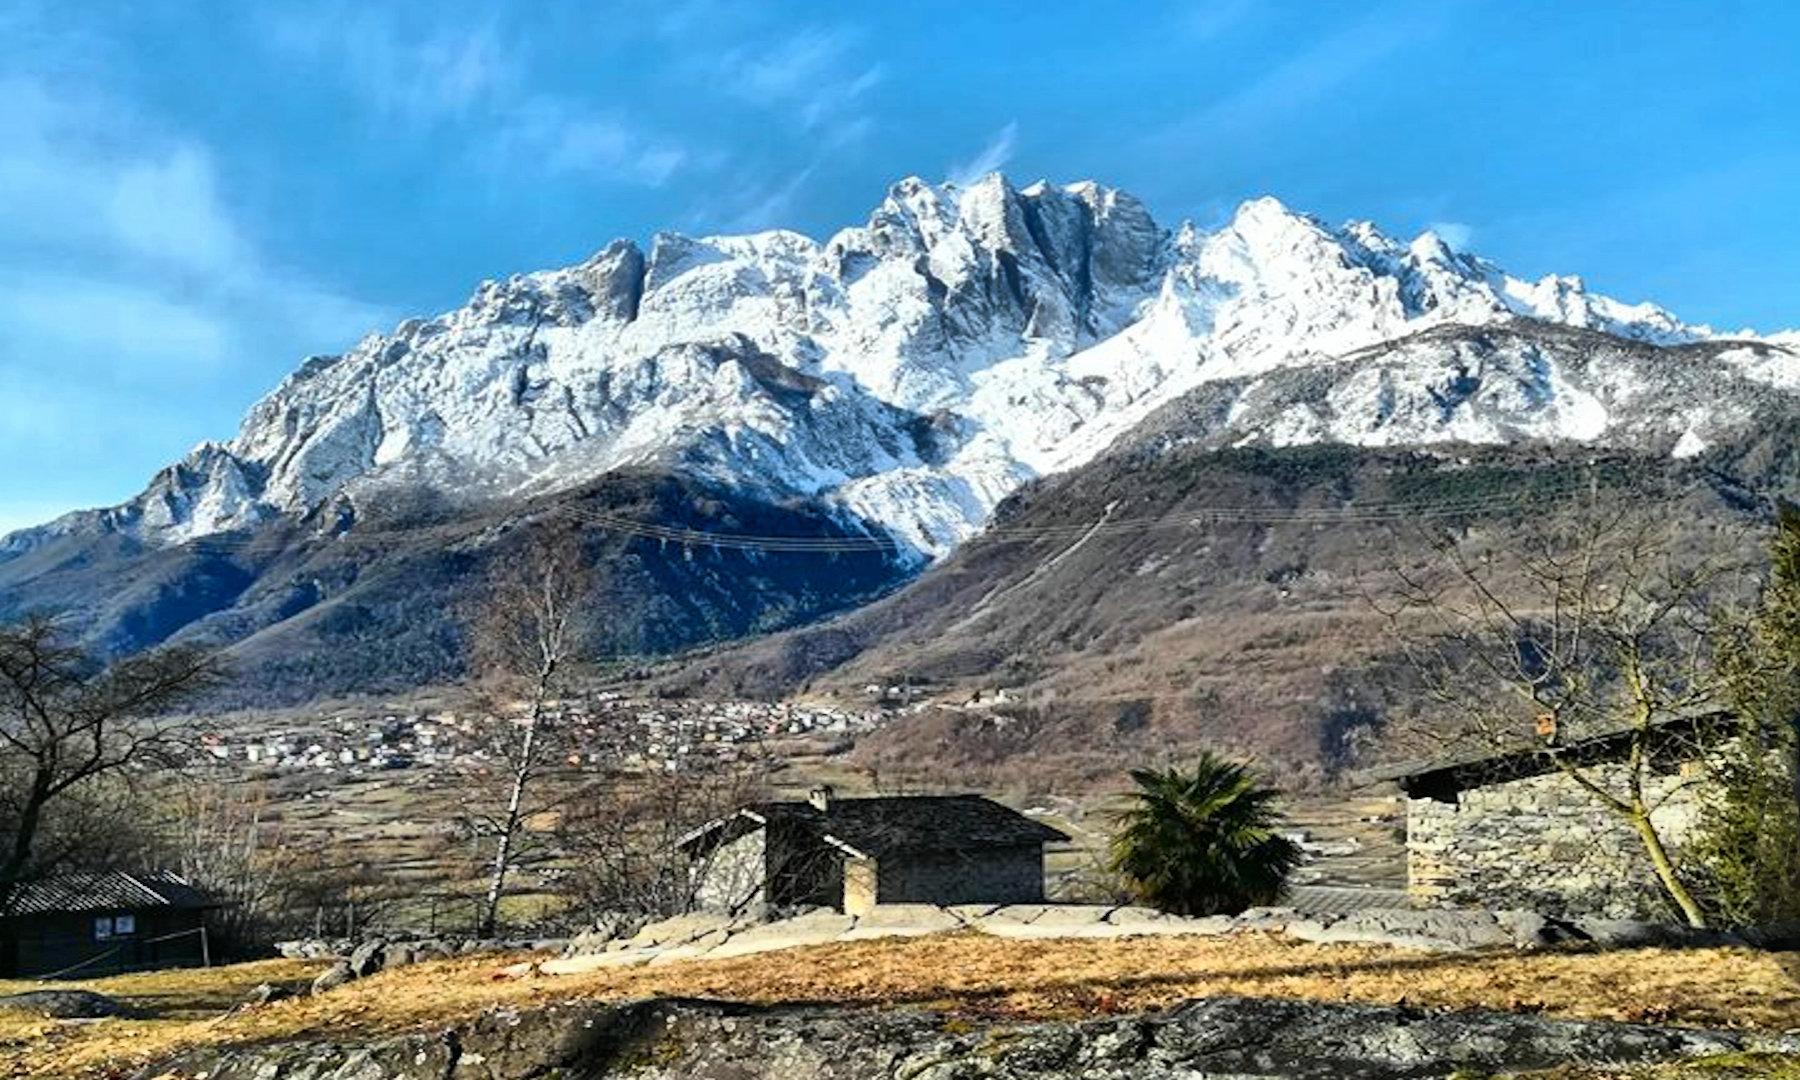 Alla scoperta delle incisioni rupestri in Val Camonica